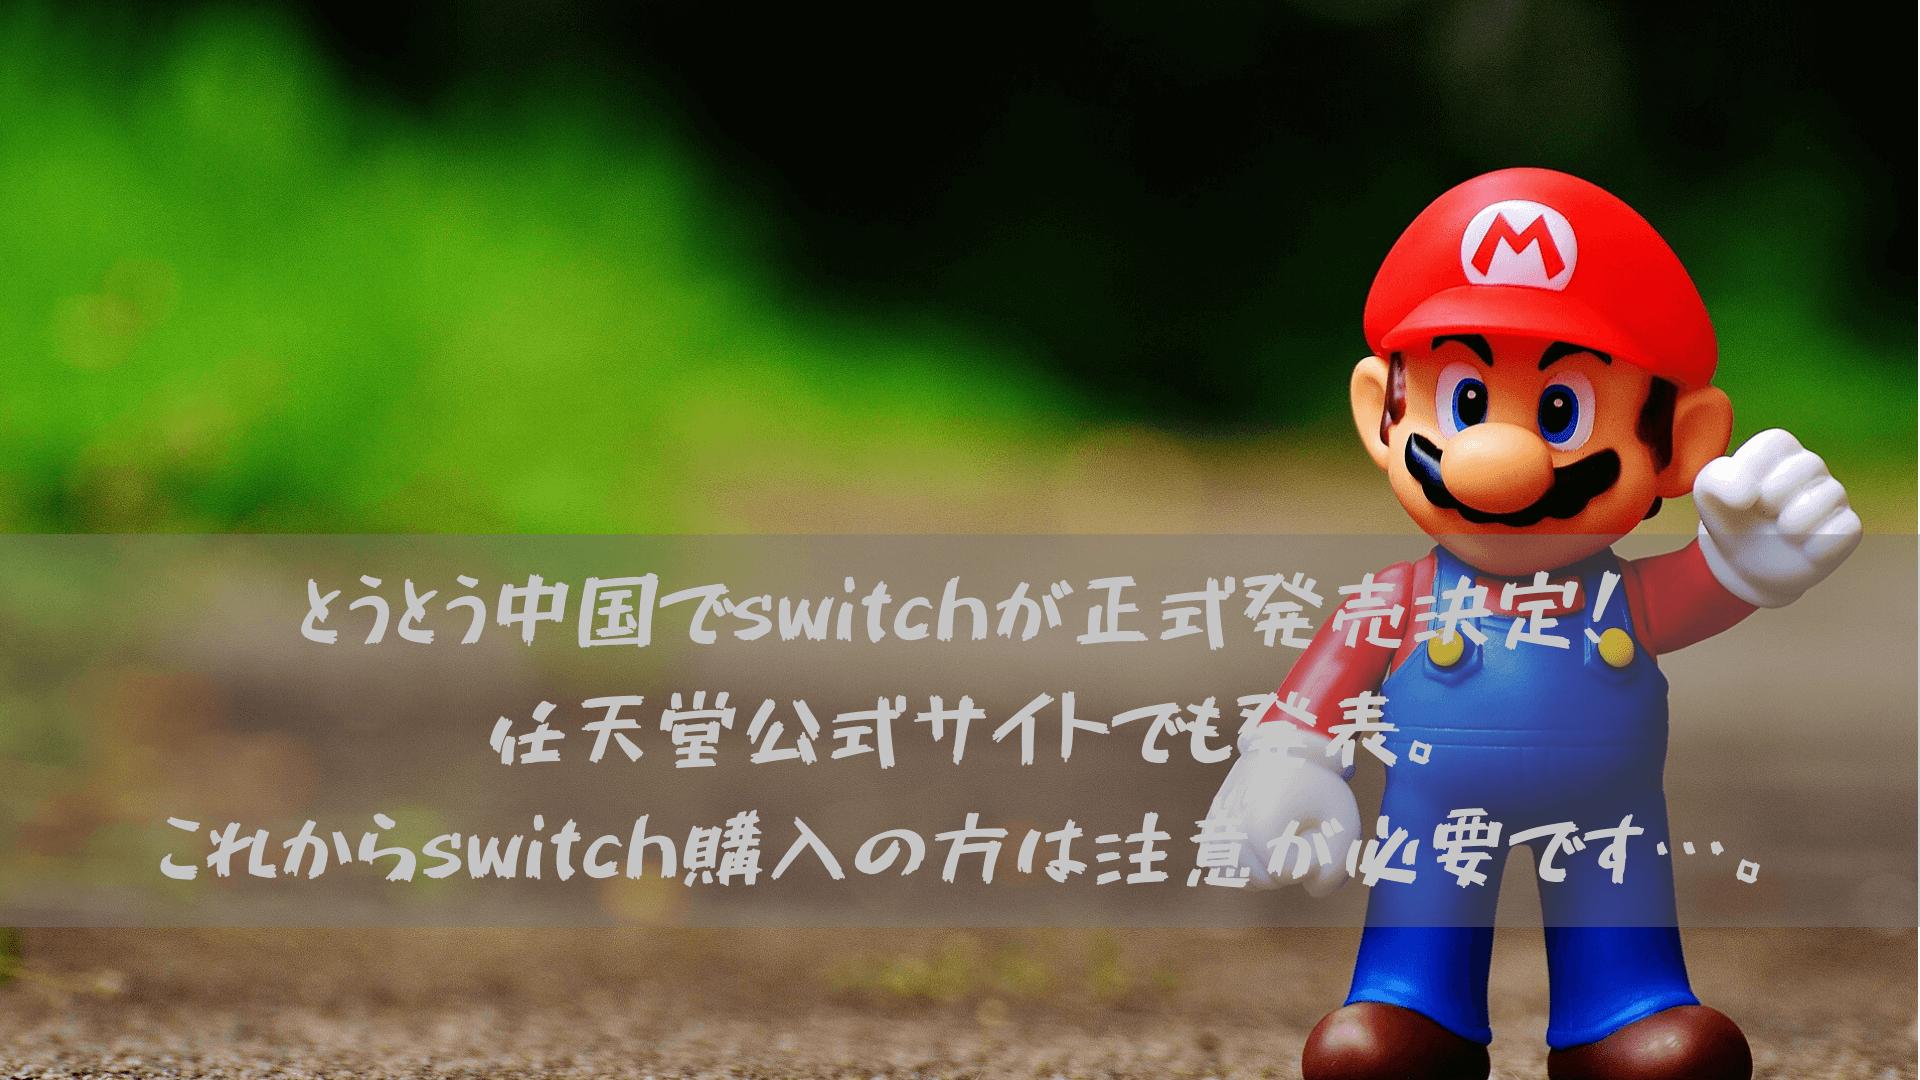 とうとう中国でswitchが正式発売決定!任天堂公式サイトでも発表。これからswitch購入の方は注意が必要です…。